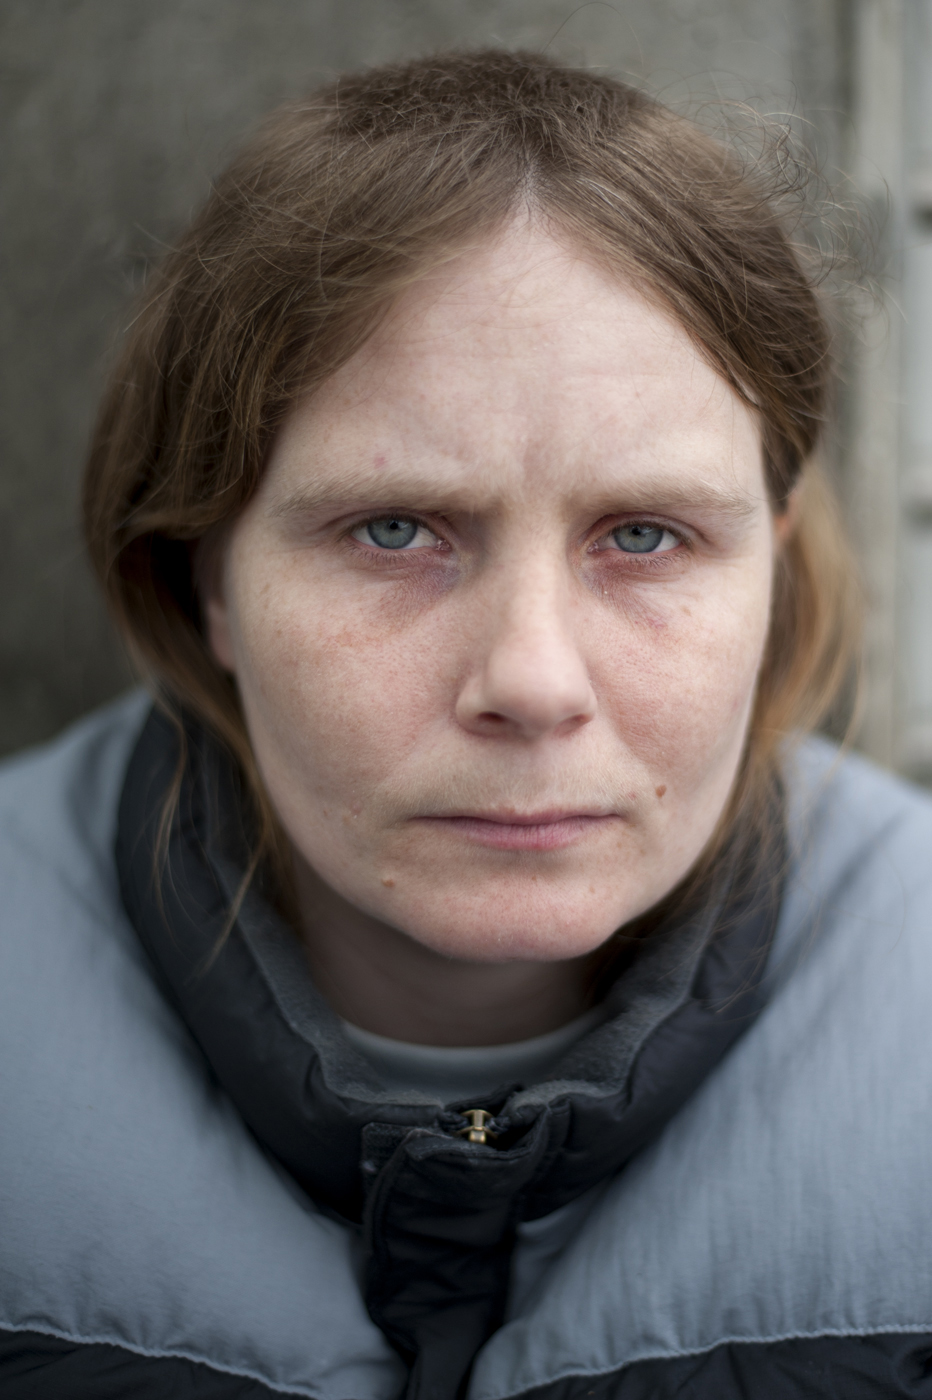 0004_6_homeless_london.jpg